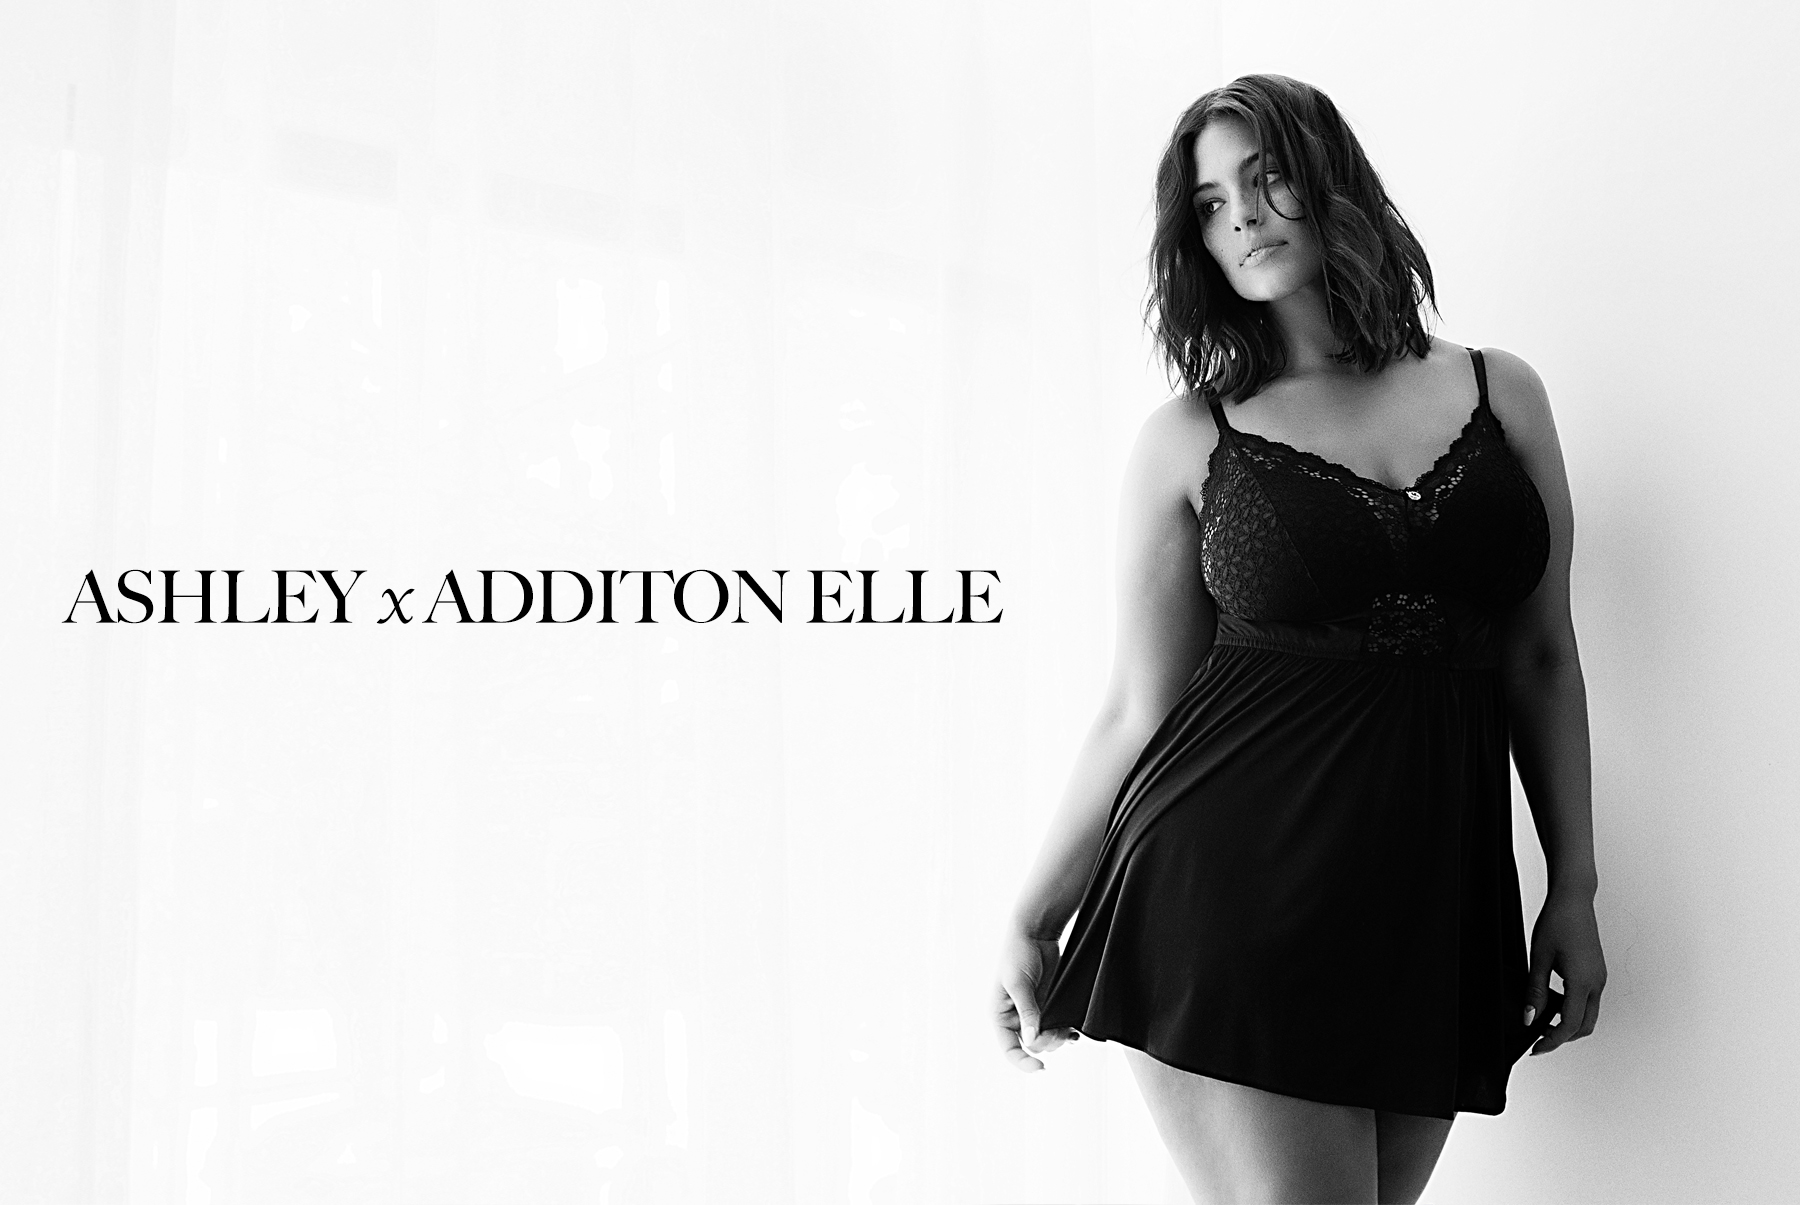 ASHLEY x ADDITION ELLE, SS 2019.